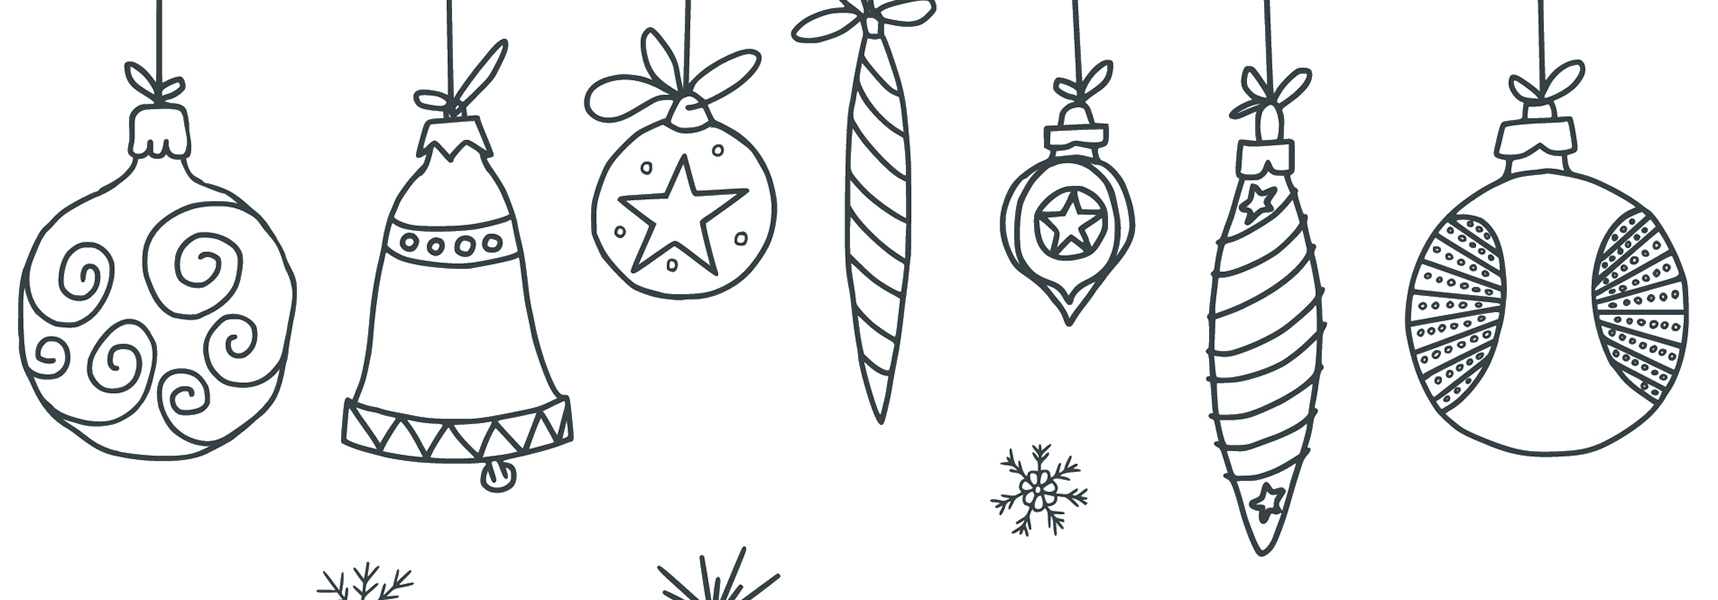 Disegni Di Palline Di Natale.Disegni Di Natale Da Colorare Palline Magic Blitzen